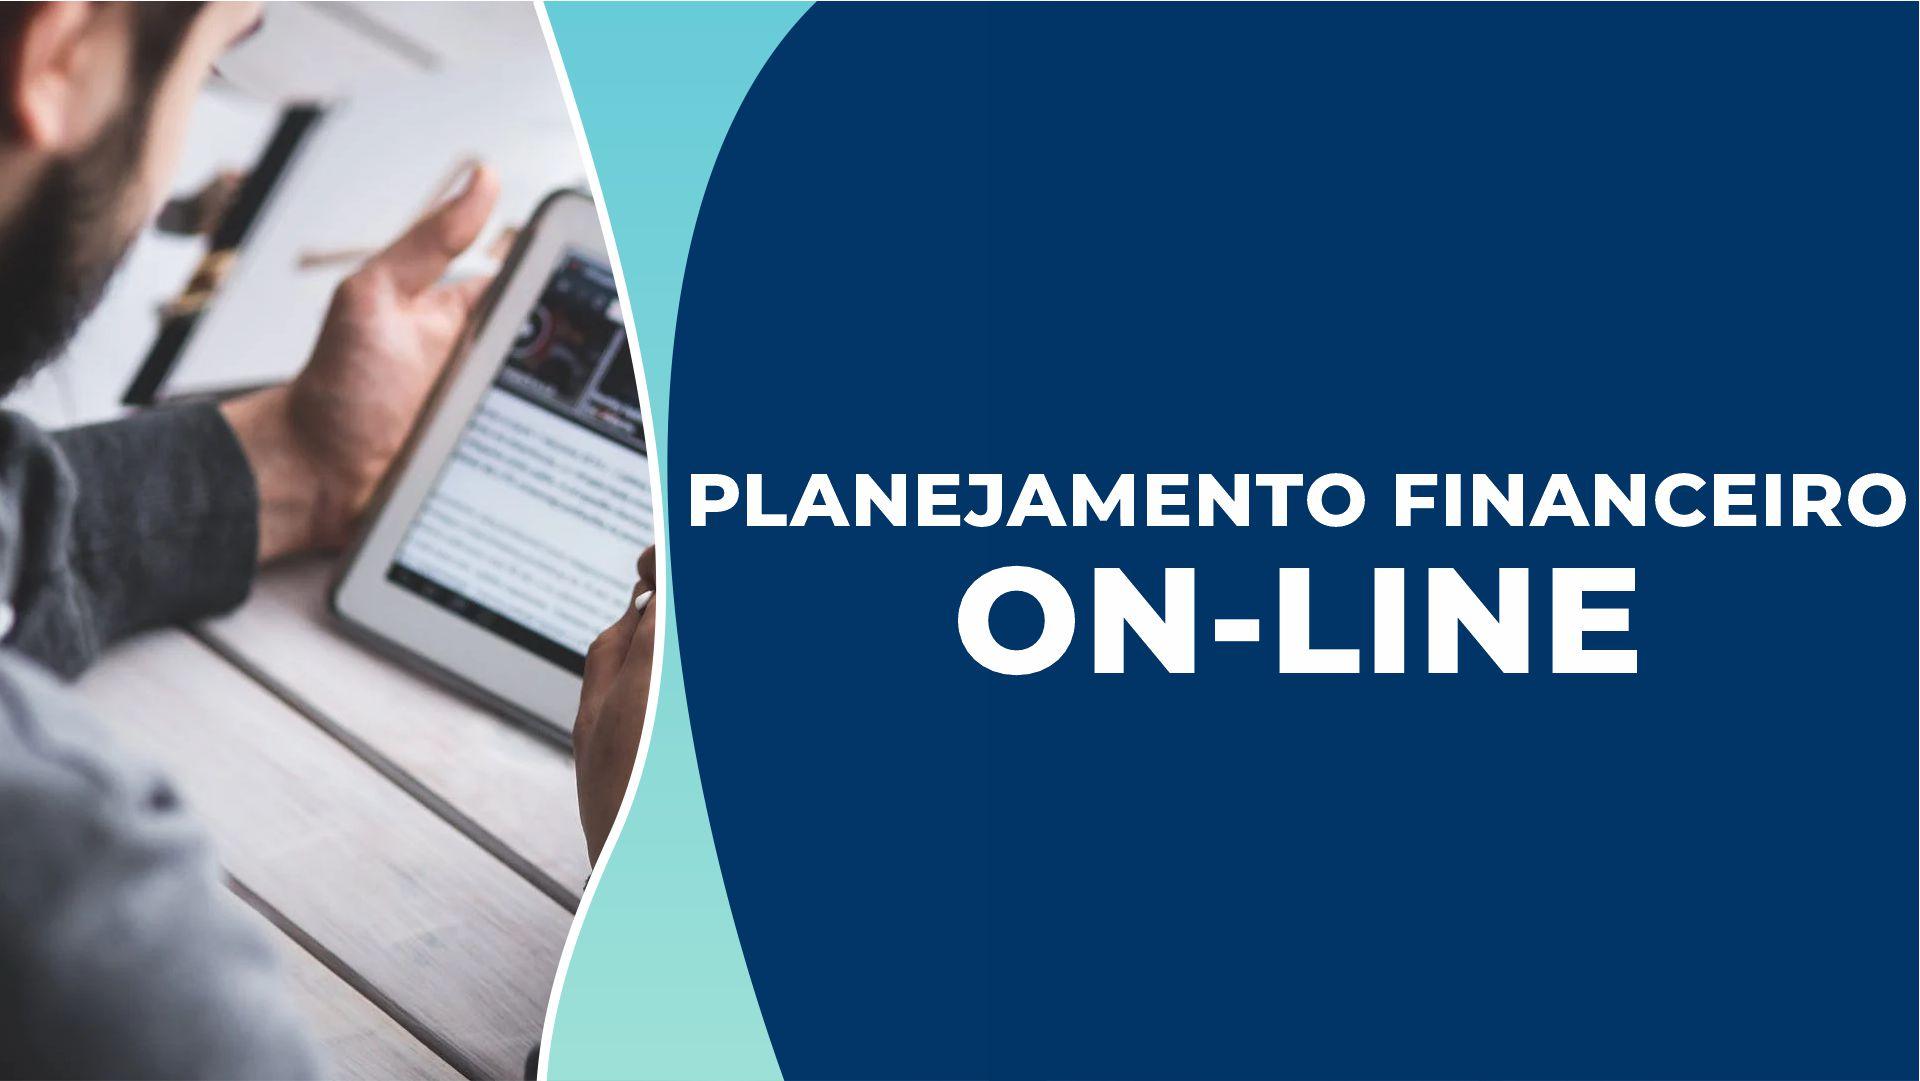 Planejamento financeiro online – Por que investir neste método?